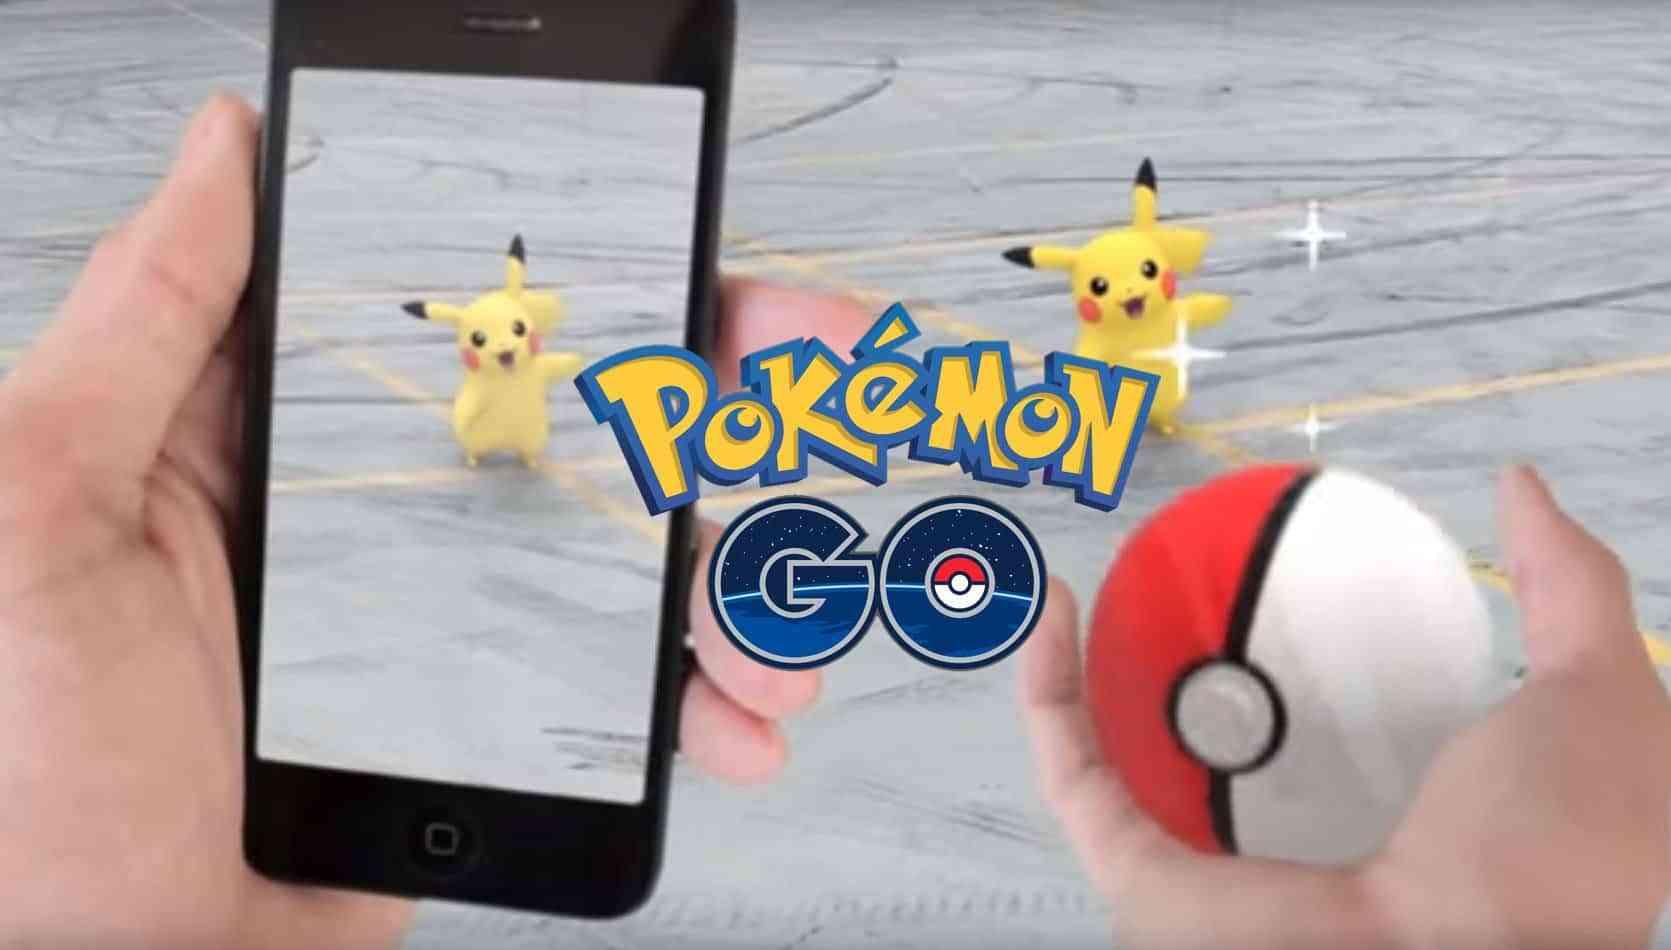 La Historia detrás de Pokémon go